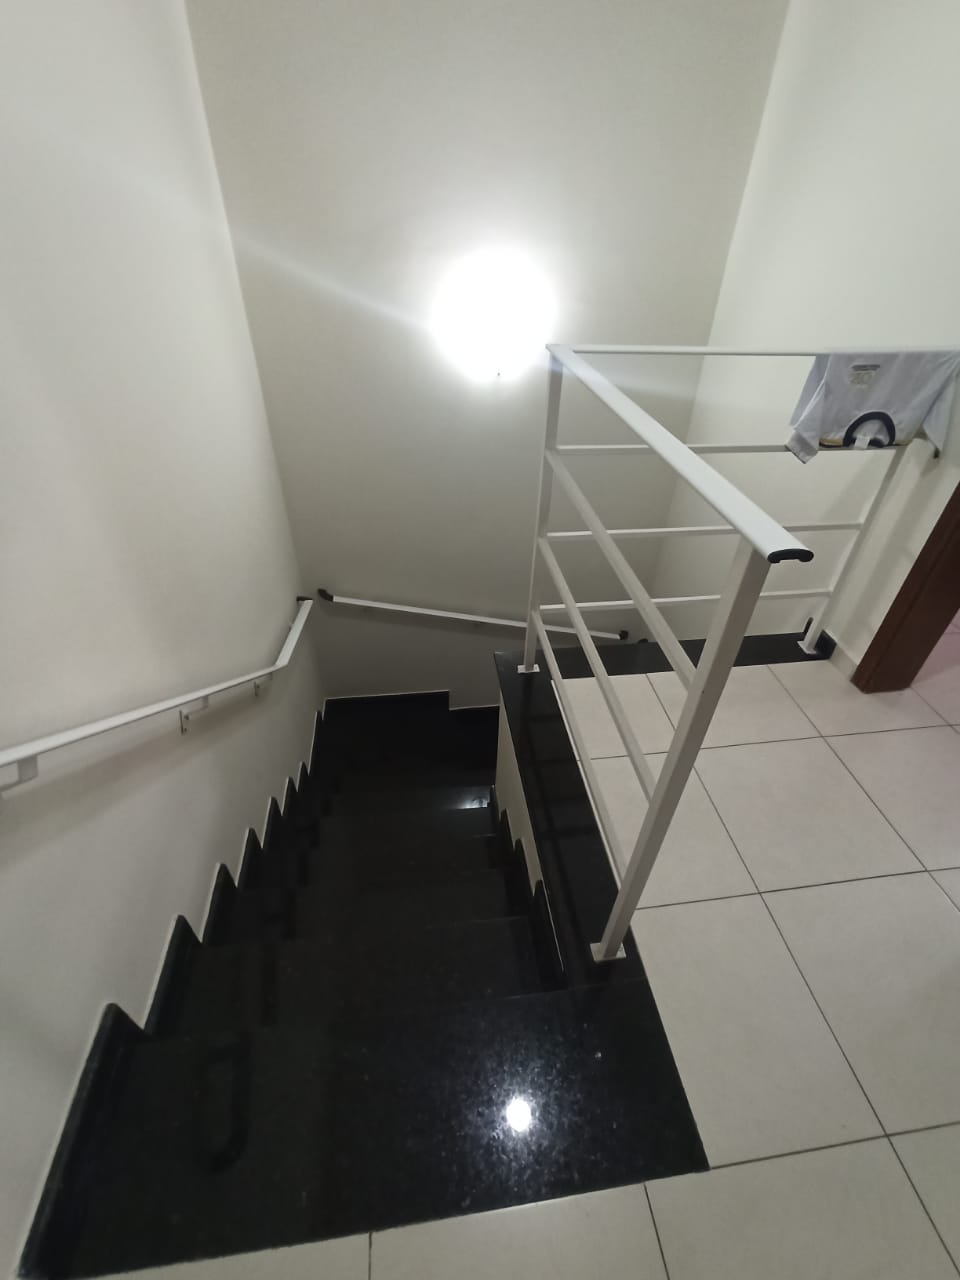 Casa com 3 quartos, sendo um suíte, sala 2 ambientes, três banheiros e duas vagas de garagem. - foto 15